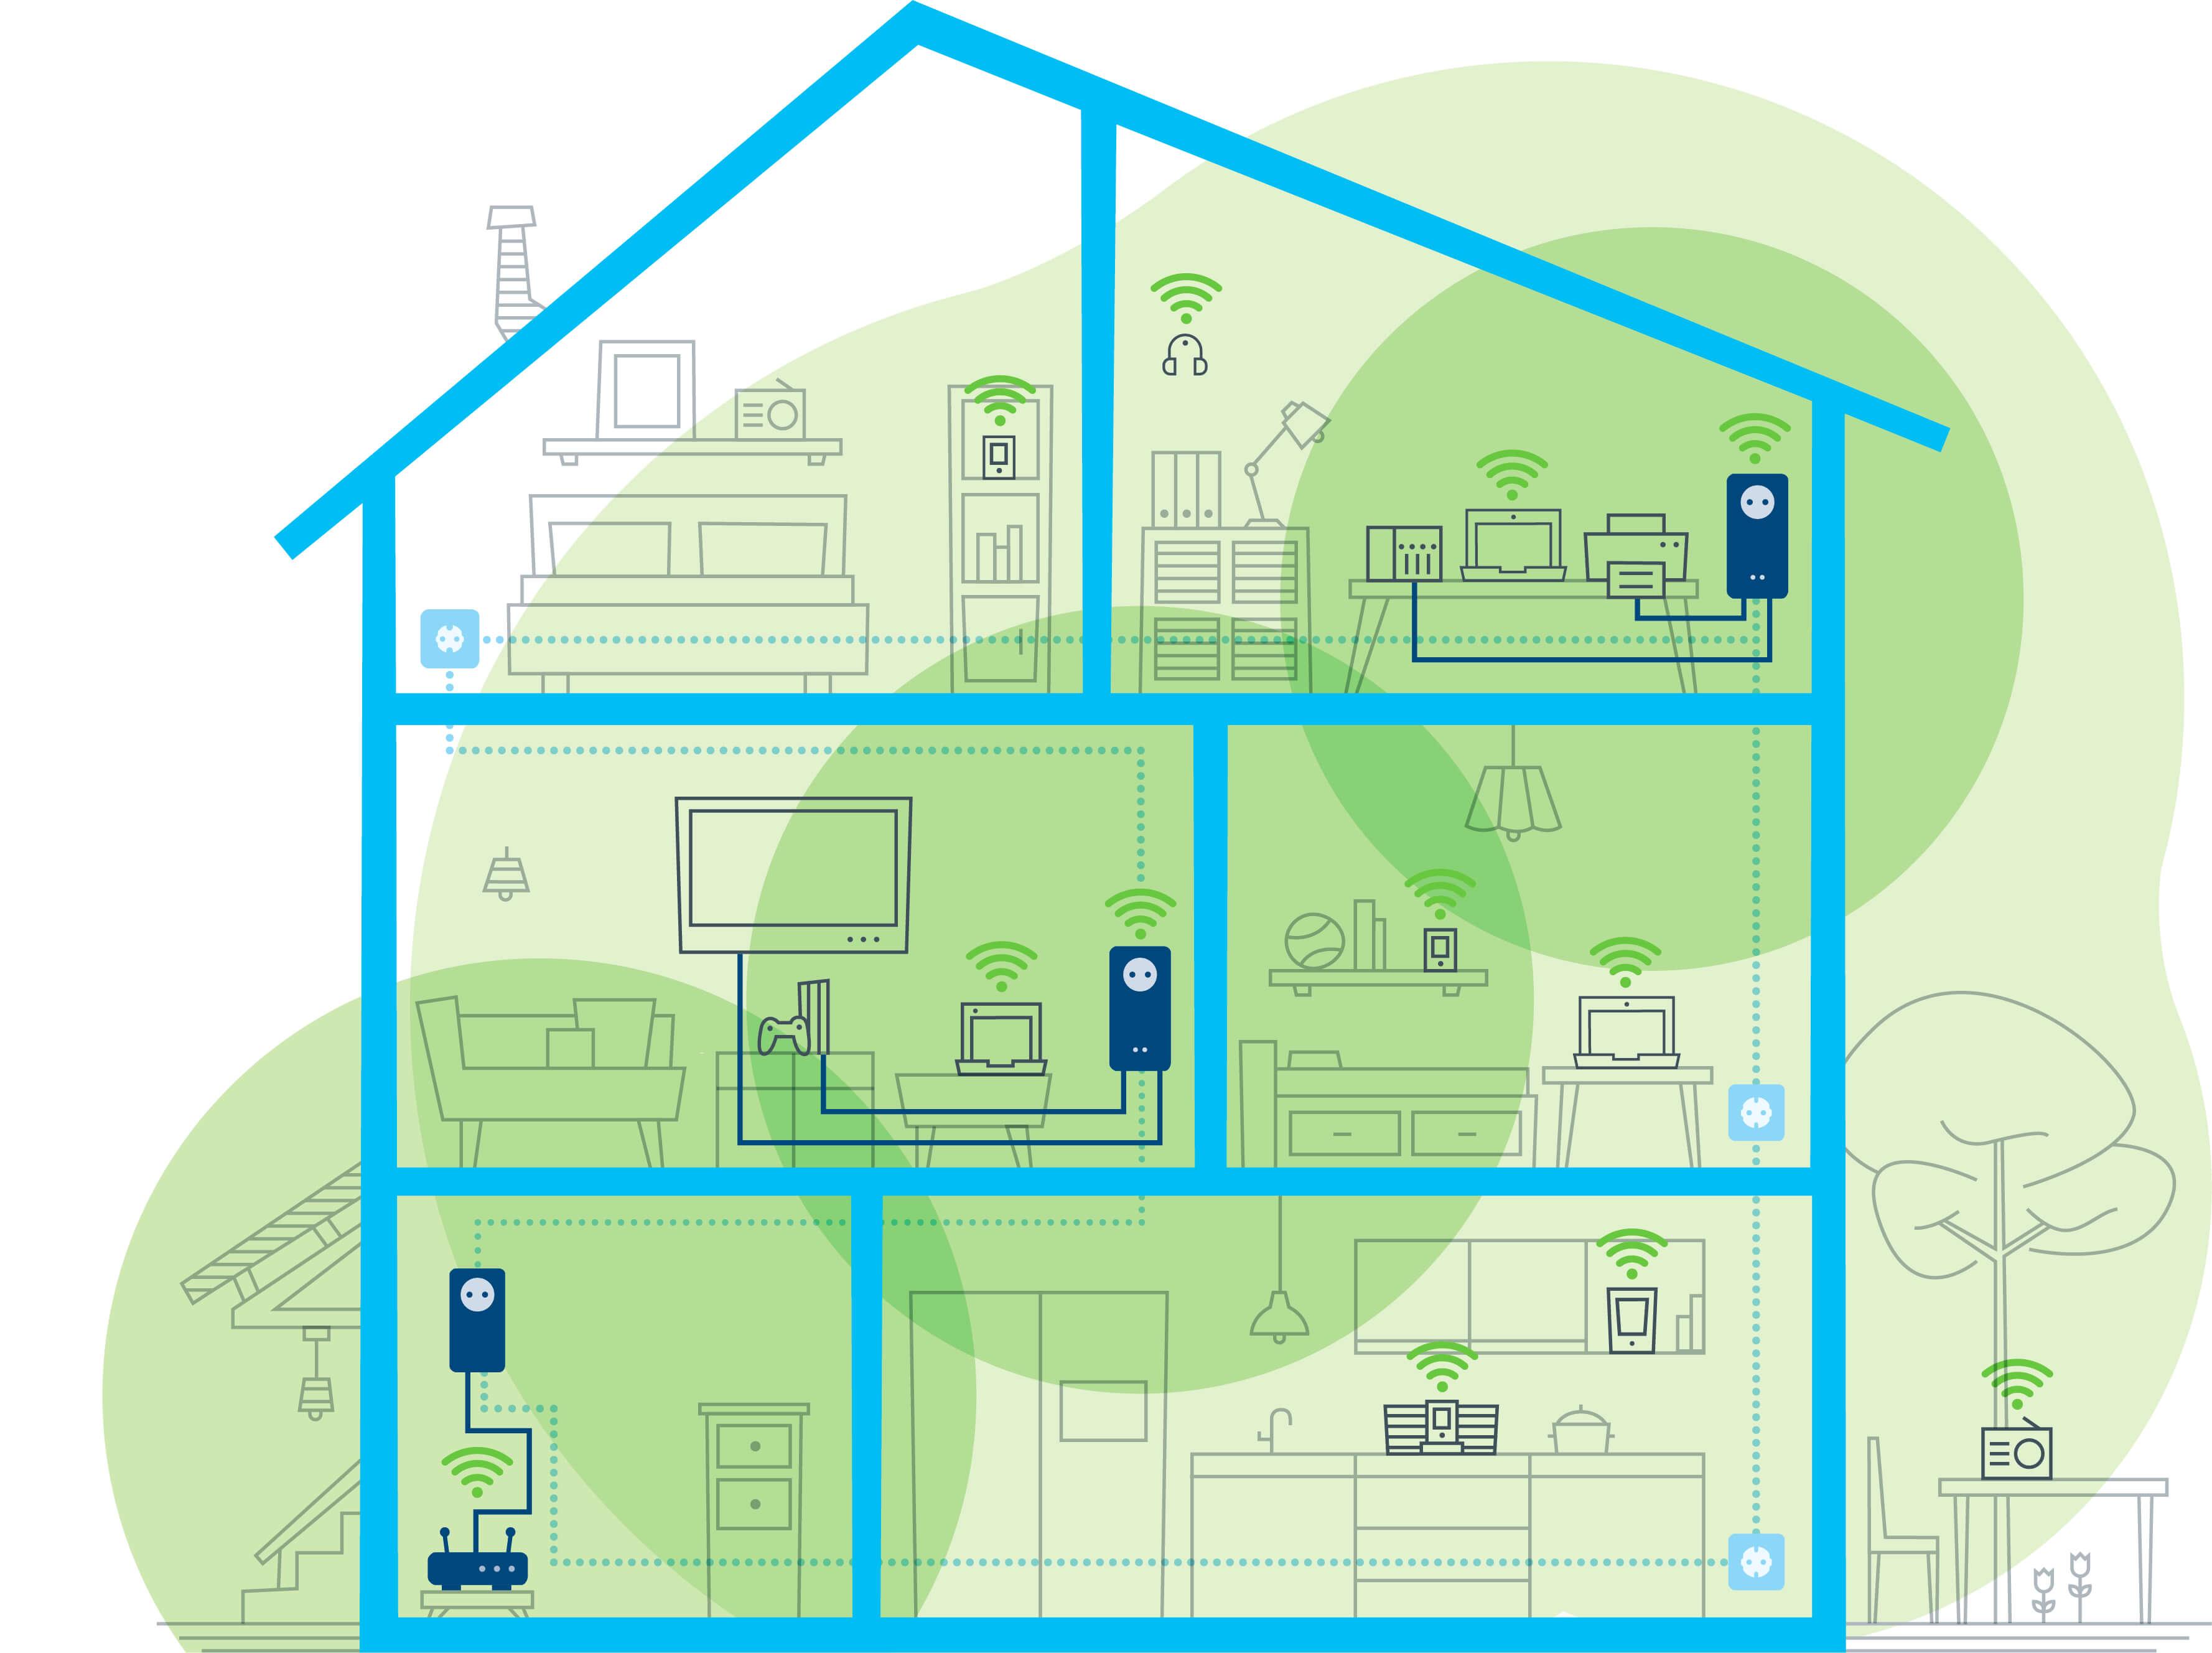 ¿5G o WiFi? ¿Por dónde pasa el futuro de la red doméstica?